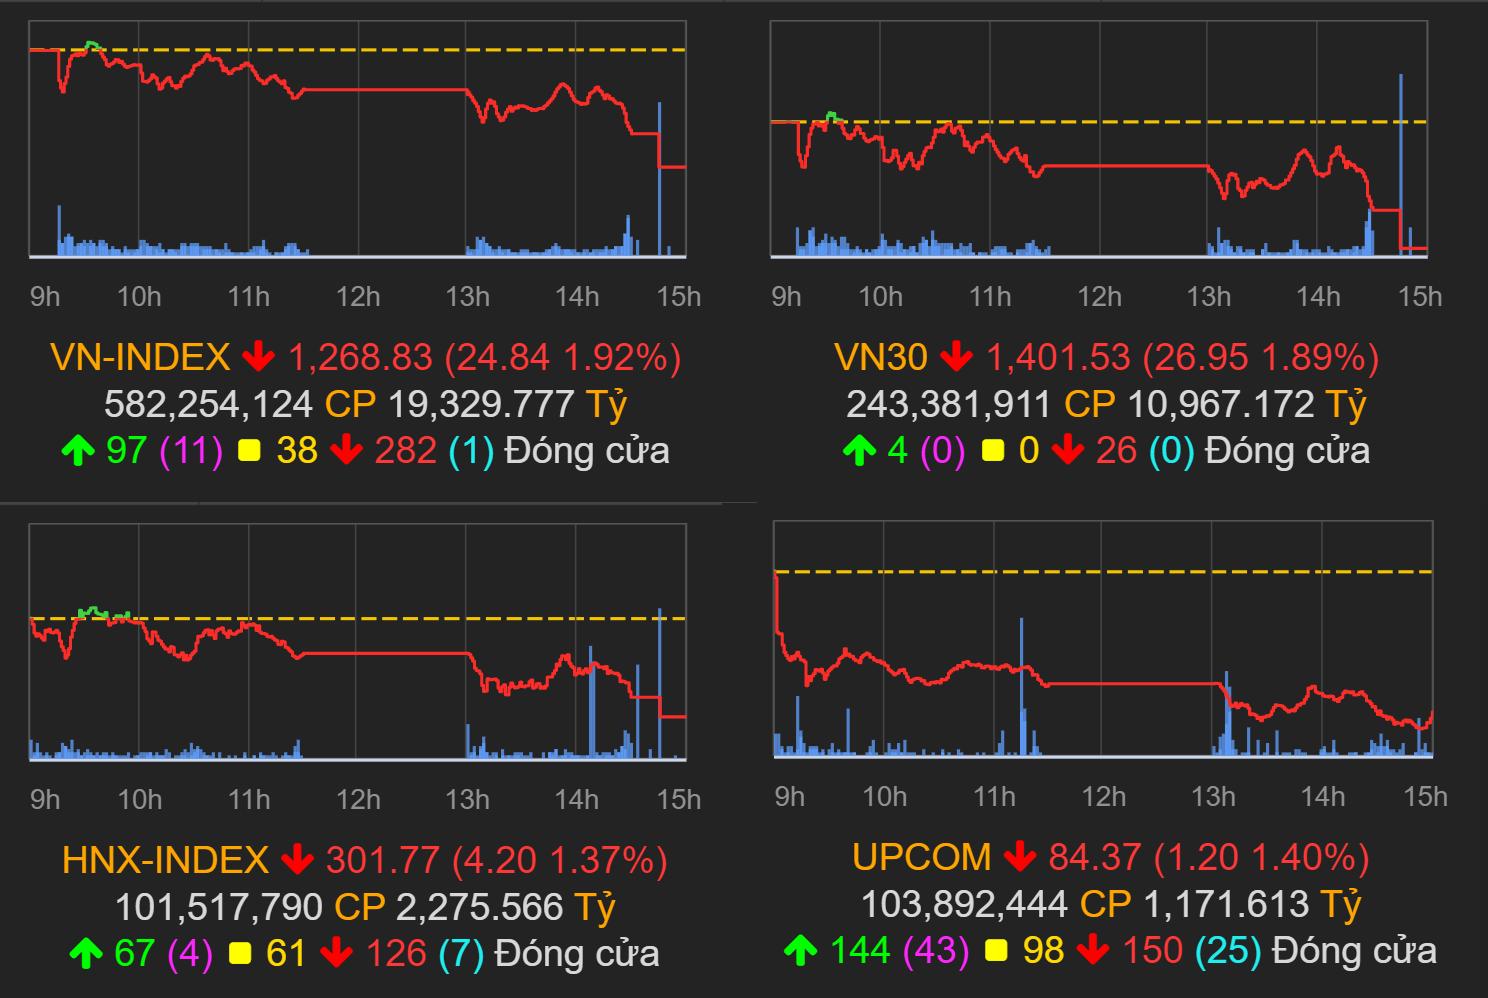 Thị trường chứng khoán (23/7): Bán mạnh cuối phiên, VN-Index mất mốc 1.270 điểm - Ảnh 1.